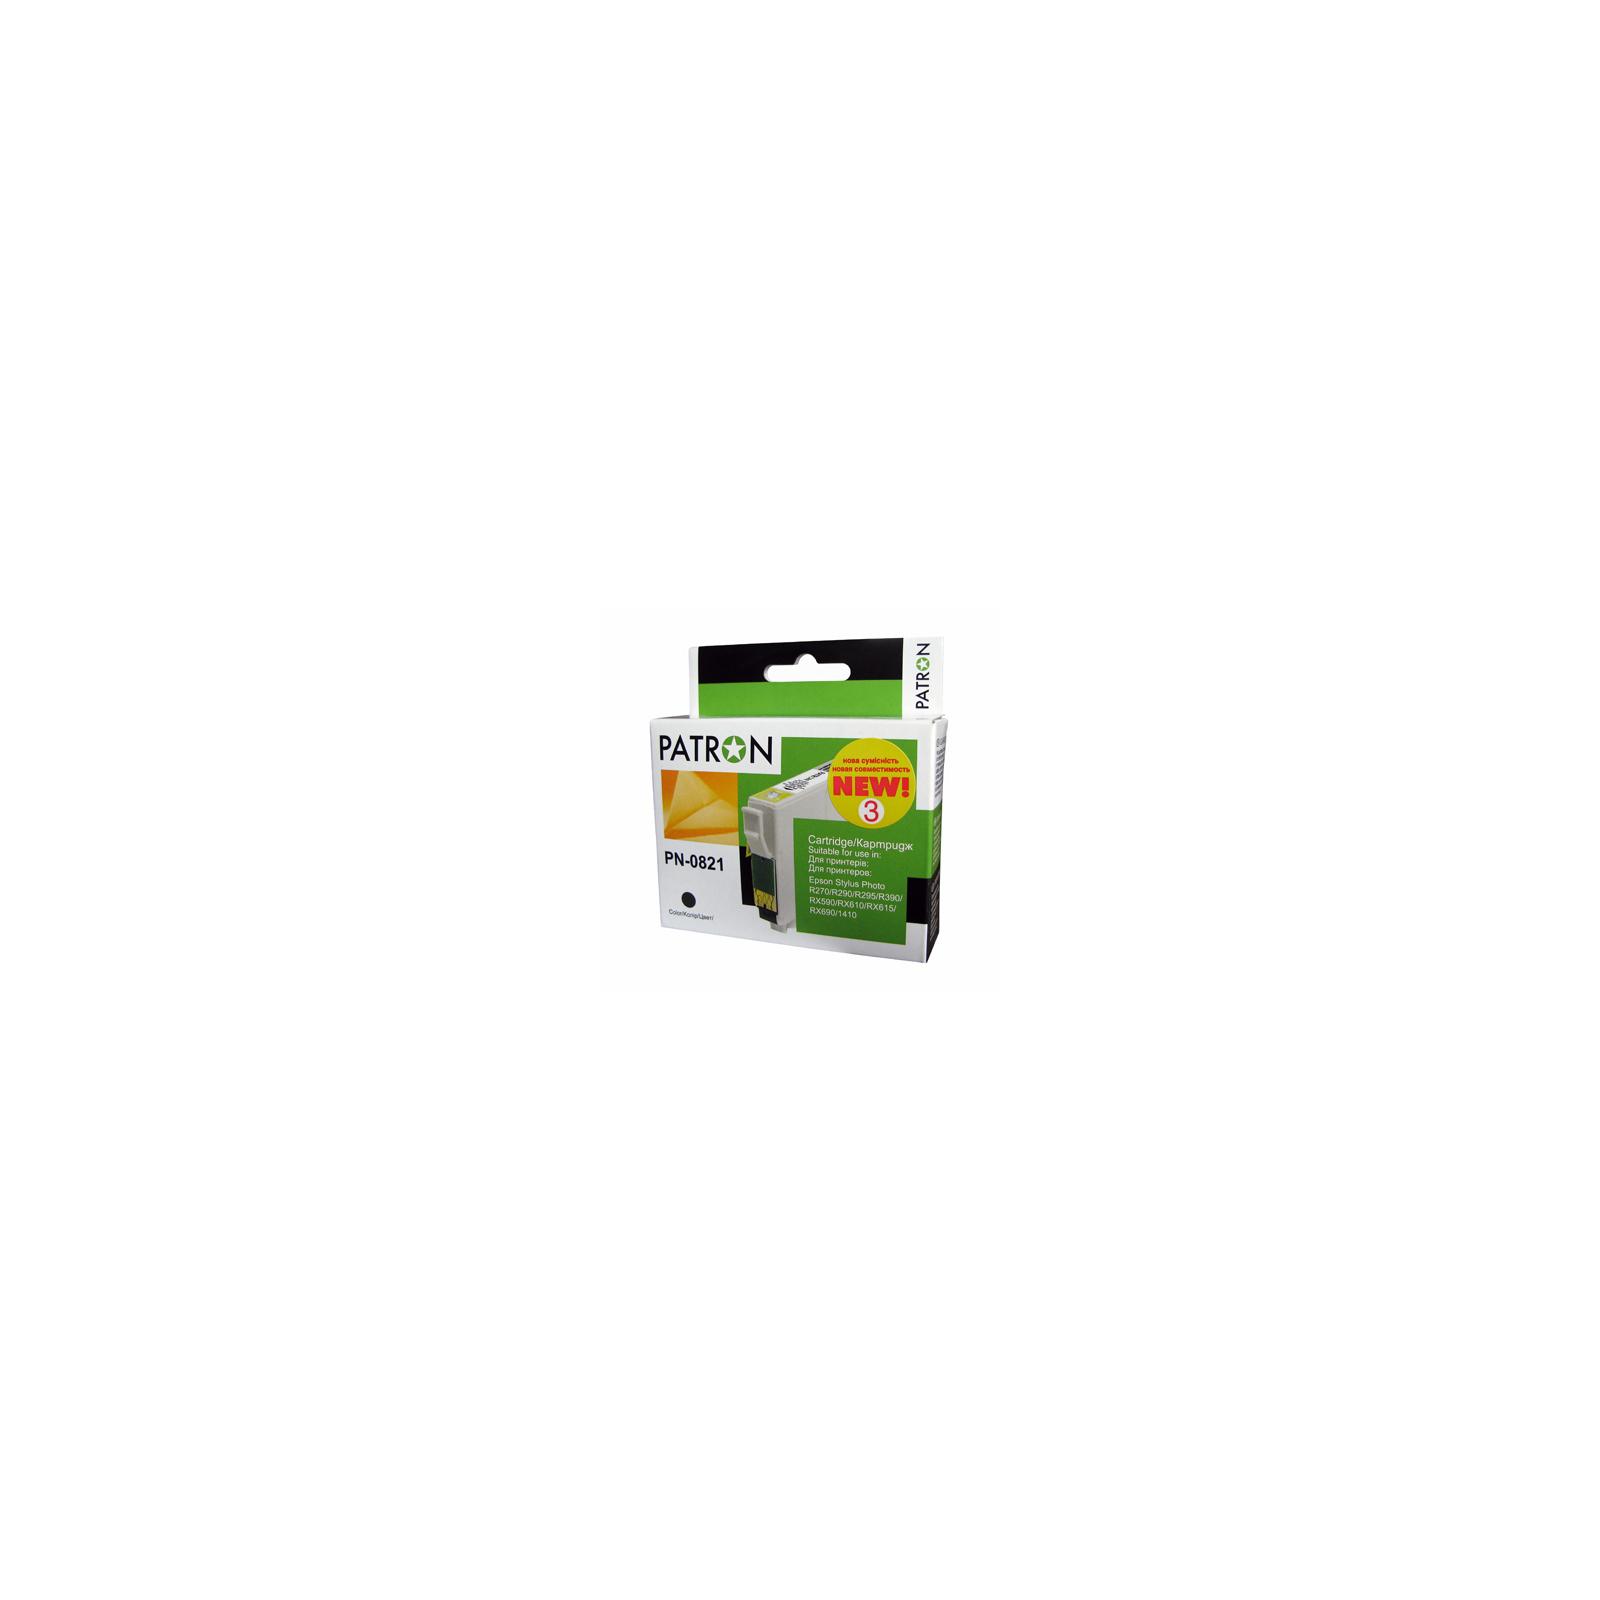 Картридж PATRON для EPSON R270/290/390/RX590 BLACK (PN-0821) (CI-EPS-T08114-B3-PN)